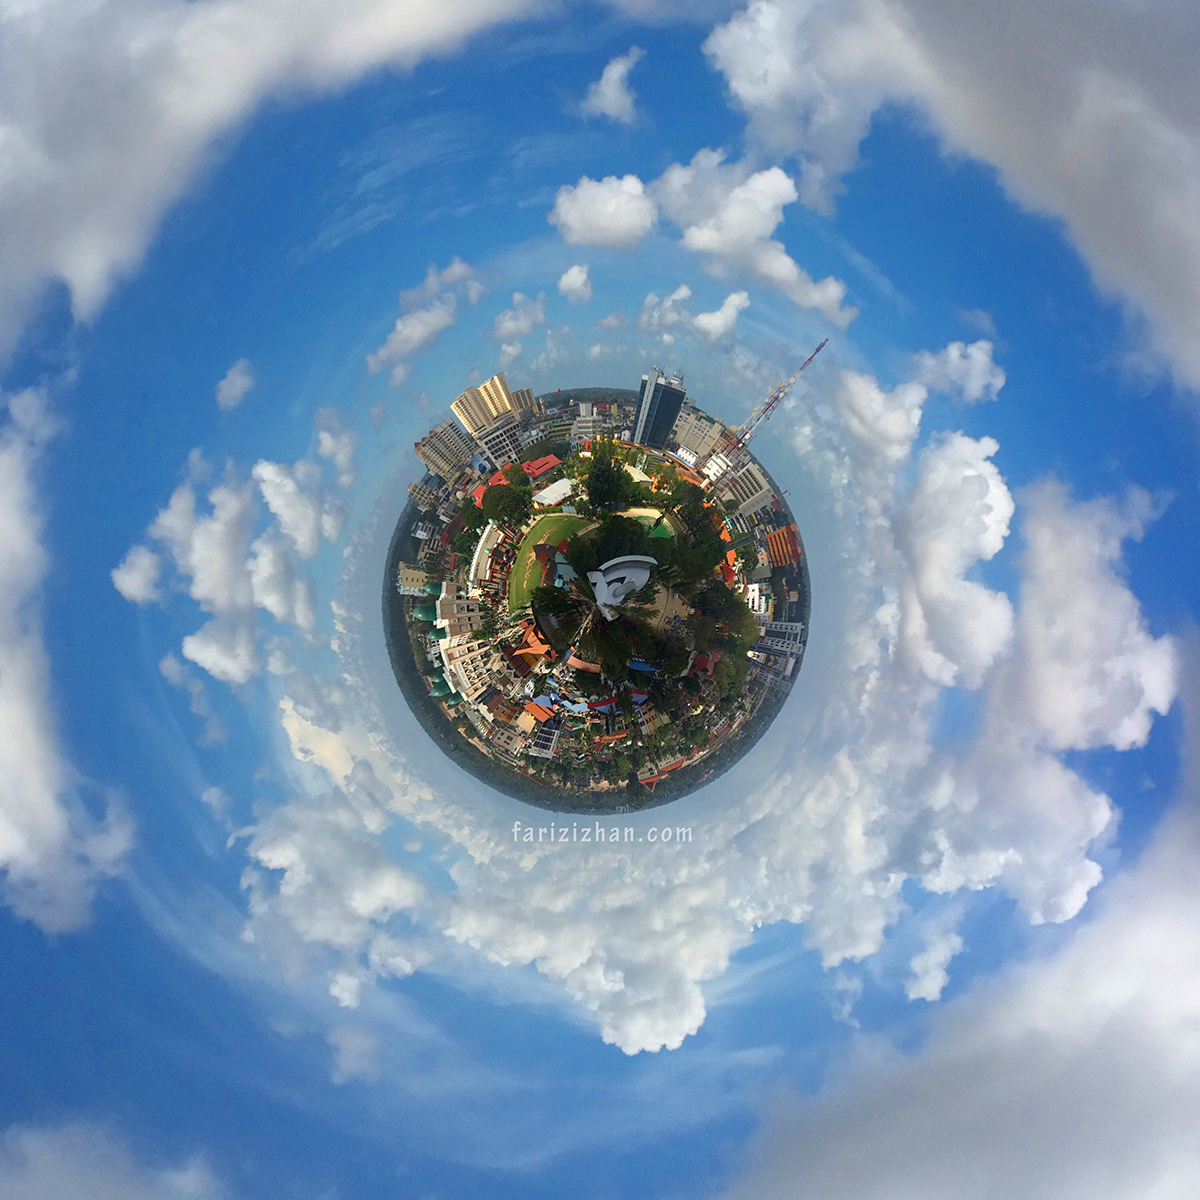 Kota-Bharu-Little-Planet-Fariz-Izhan